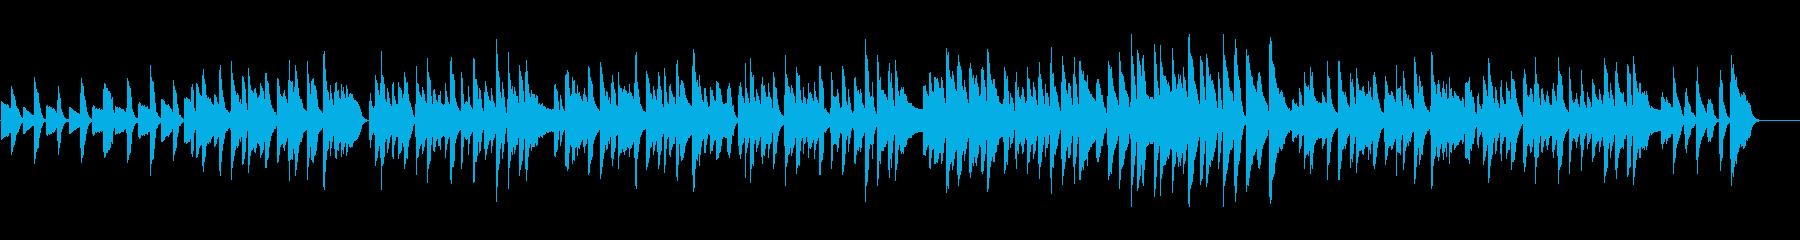 ピアノによる穏やかなでシンプルなBGMの再生済みの波形